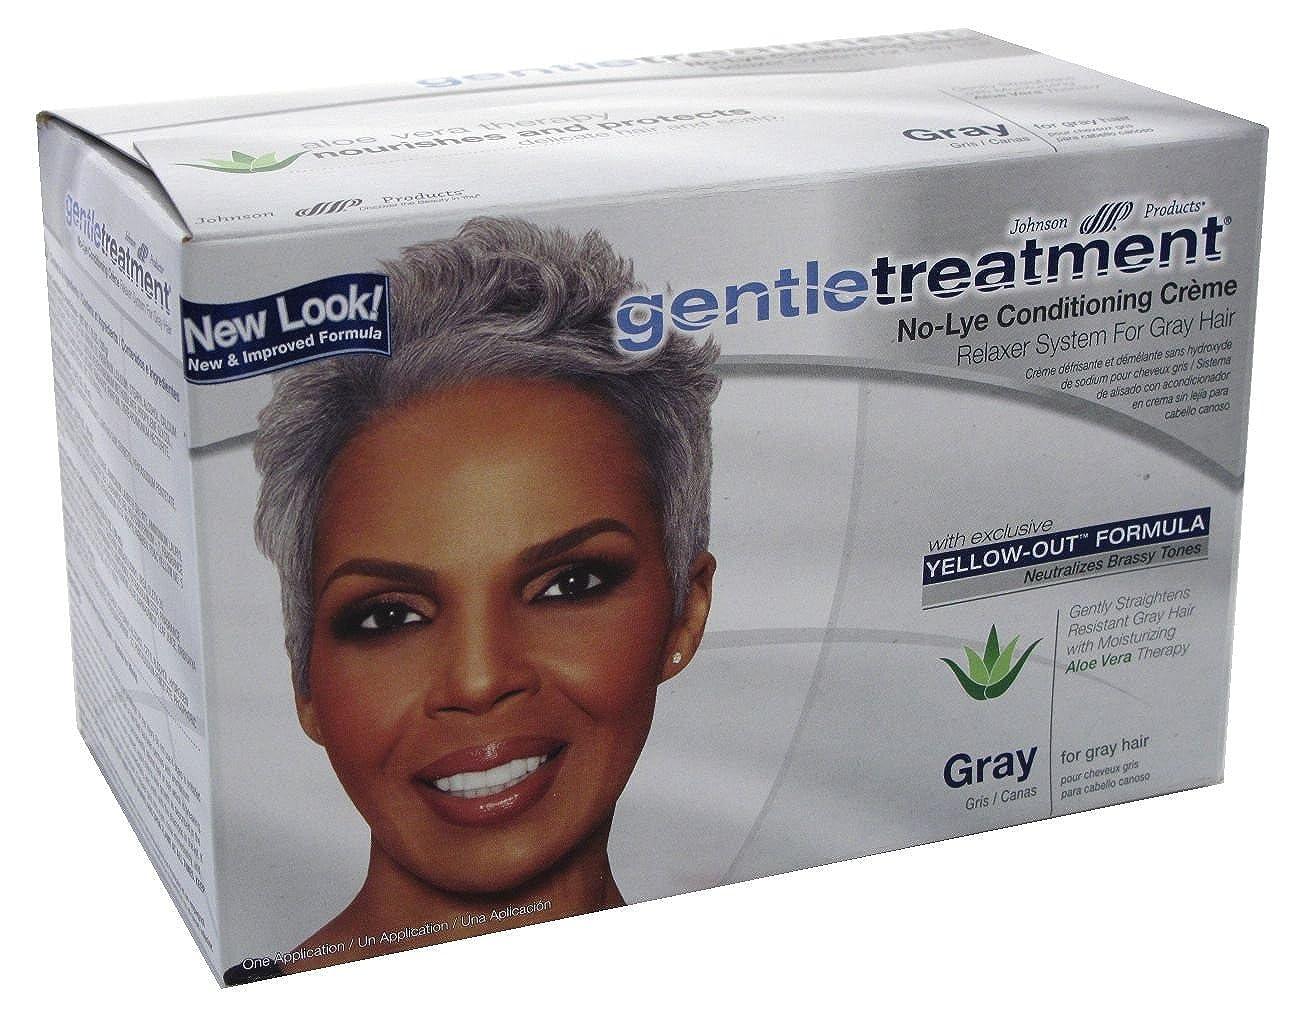 チーフ溶接不足Gentle Treatment グレー無灰汁キットのリラクサー、